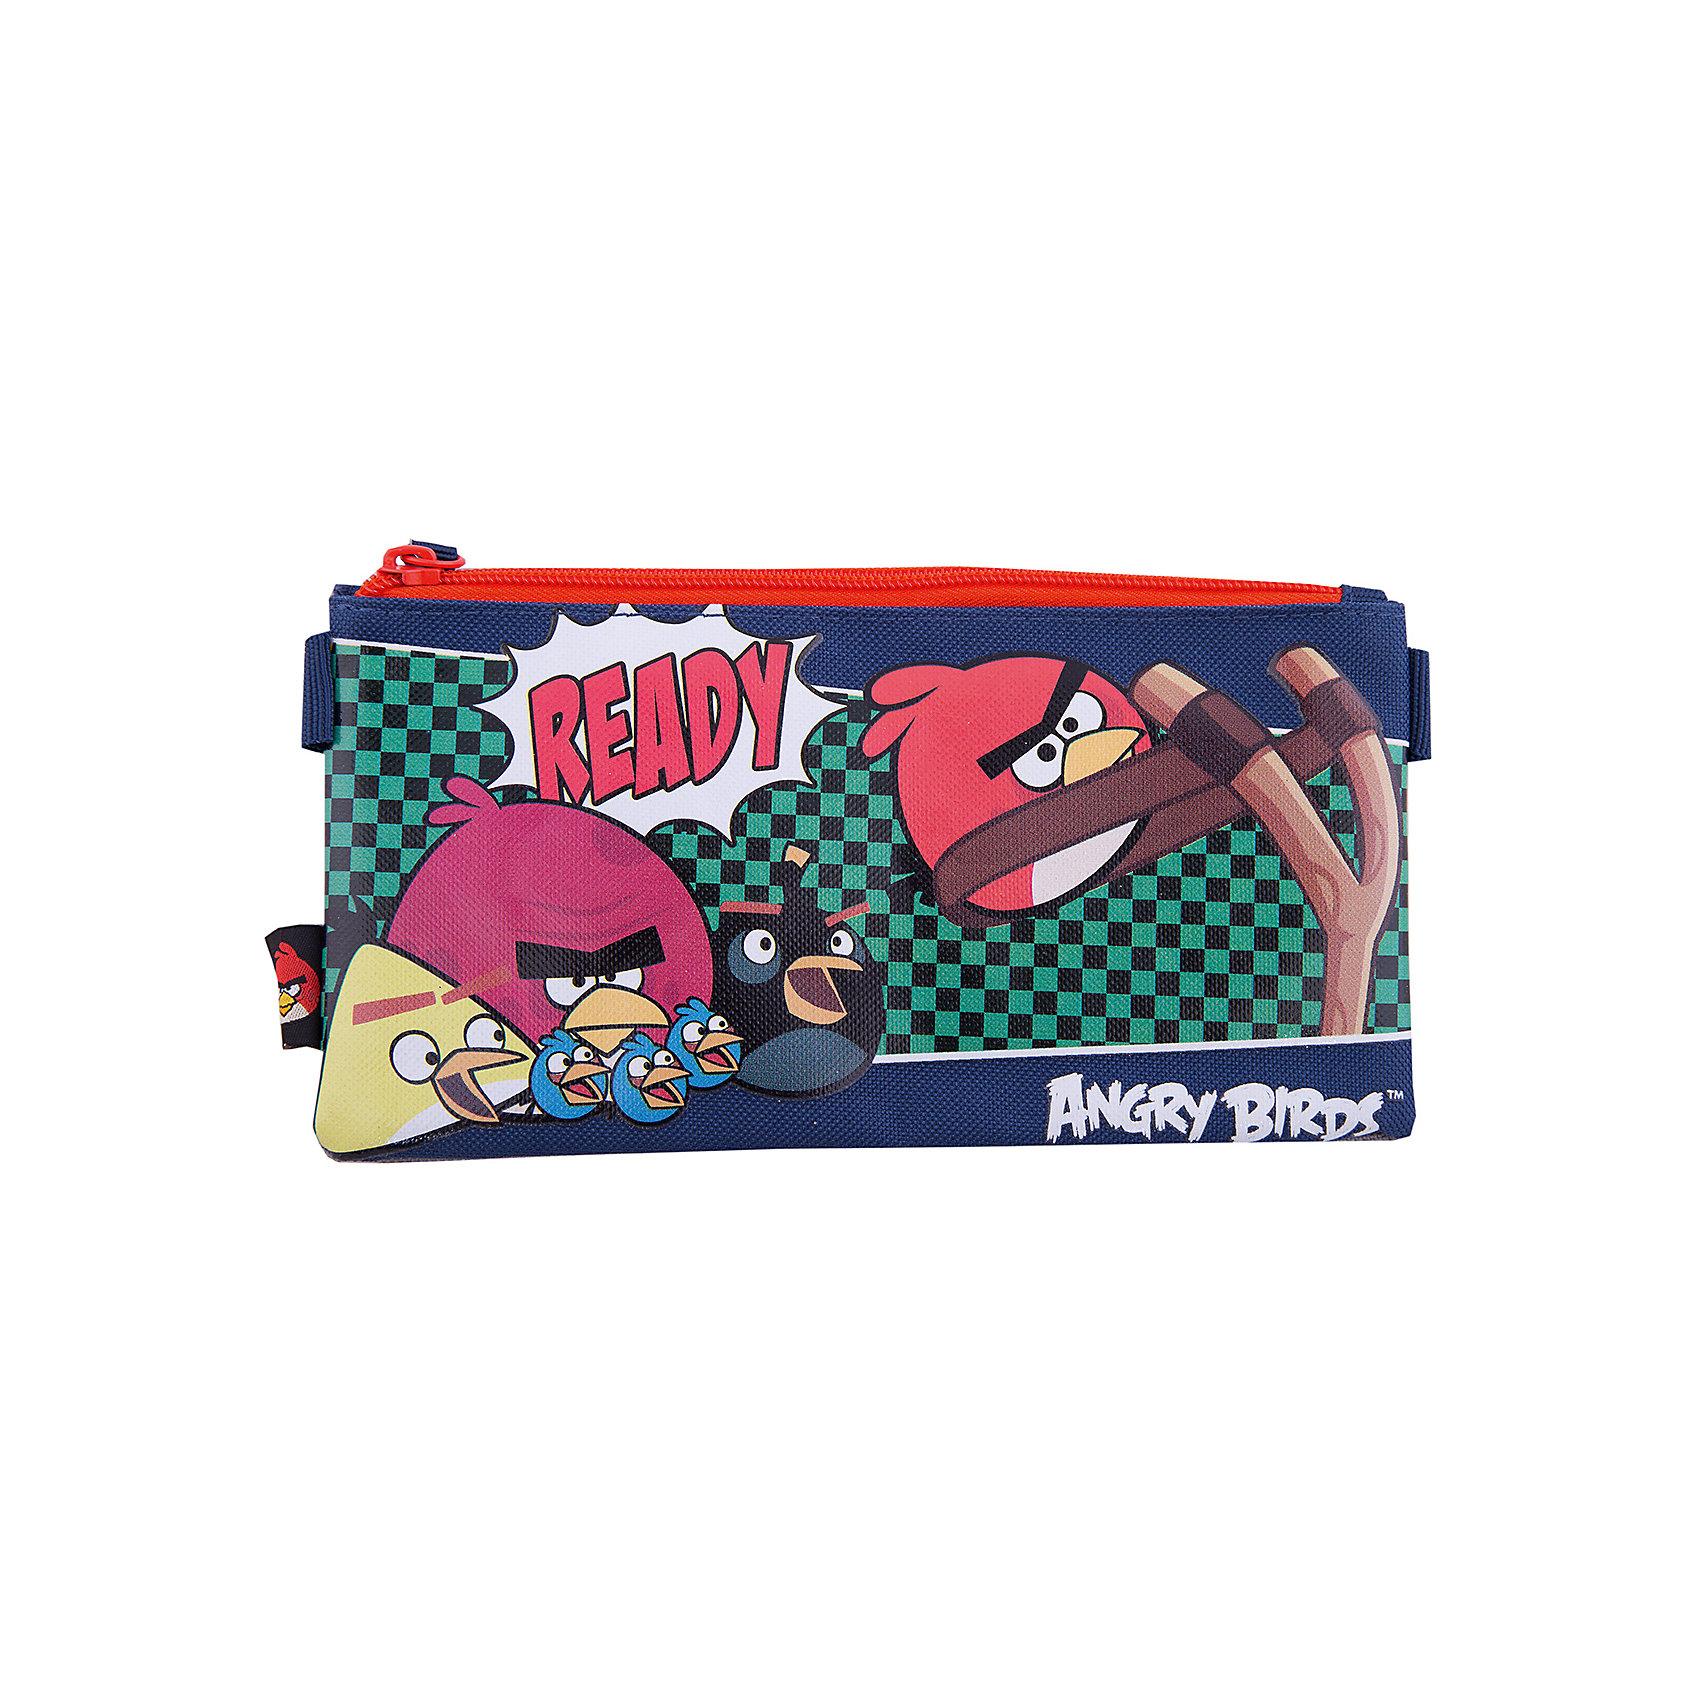 Косметичка, Angry BirdsAngry Birds<br>Косметичка, Angry Birds (Энгри Бердс) очень компактная. Пенал-косметичка понадобится ребенку для организации и сохранения порядка в школьном ранце. Пенал украшен картинкой в стиле популярнейшей во всем мире игры Angry Birds.<br><br>Порадуйте Вашего  ребенка прекрасным подарком!<br><br>Дополнительная информация:<br><br>- Размер: 11,5 х 22 х 1 см<br>- Вес: 40 г.<br><br>Косметичку, Angry Birds (Энгри Бердс) можно купить в нашем интернет-магазине.<br><br>Ширина мм: 115<br>Глубина мм: 220<br>Высота мм: 10<br>Вес г: 42<br>Возраст от месяцев: 96<br>Возраст до месяцев: 108<br>Пол: Унисекс<br>Возраст: Детский<br>SKU: 3563160